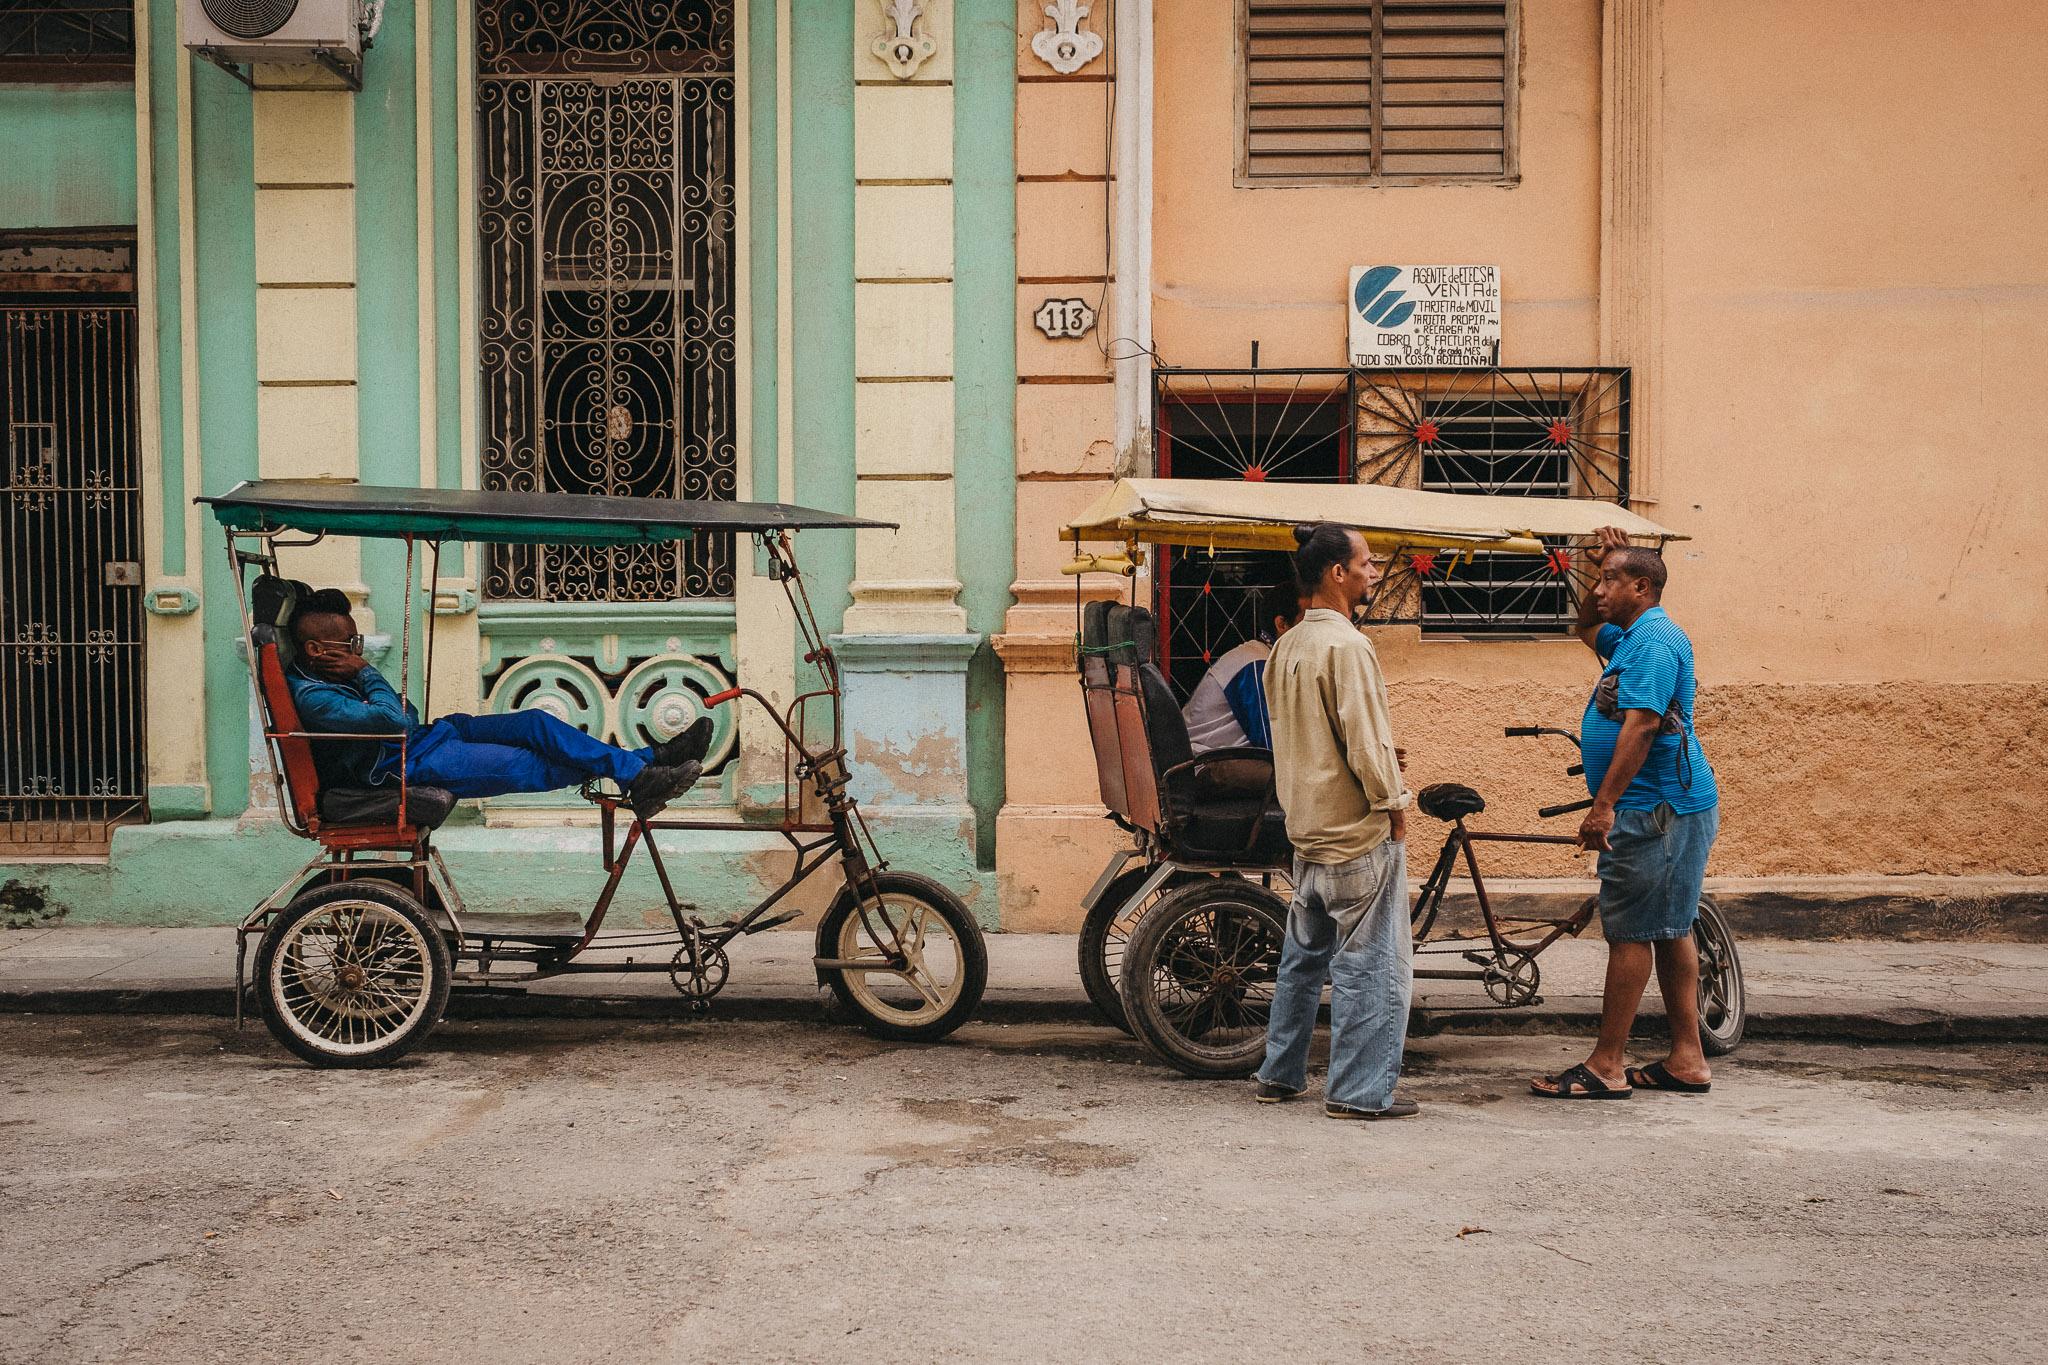 Cuba-2017-12-Havana-0326.jpg